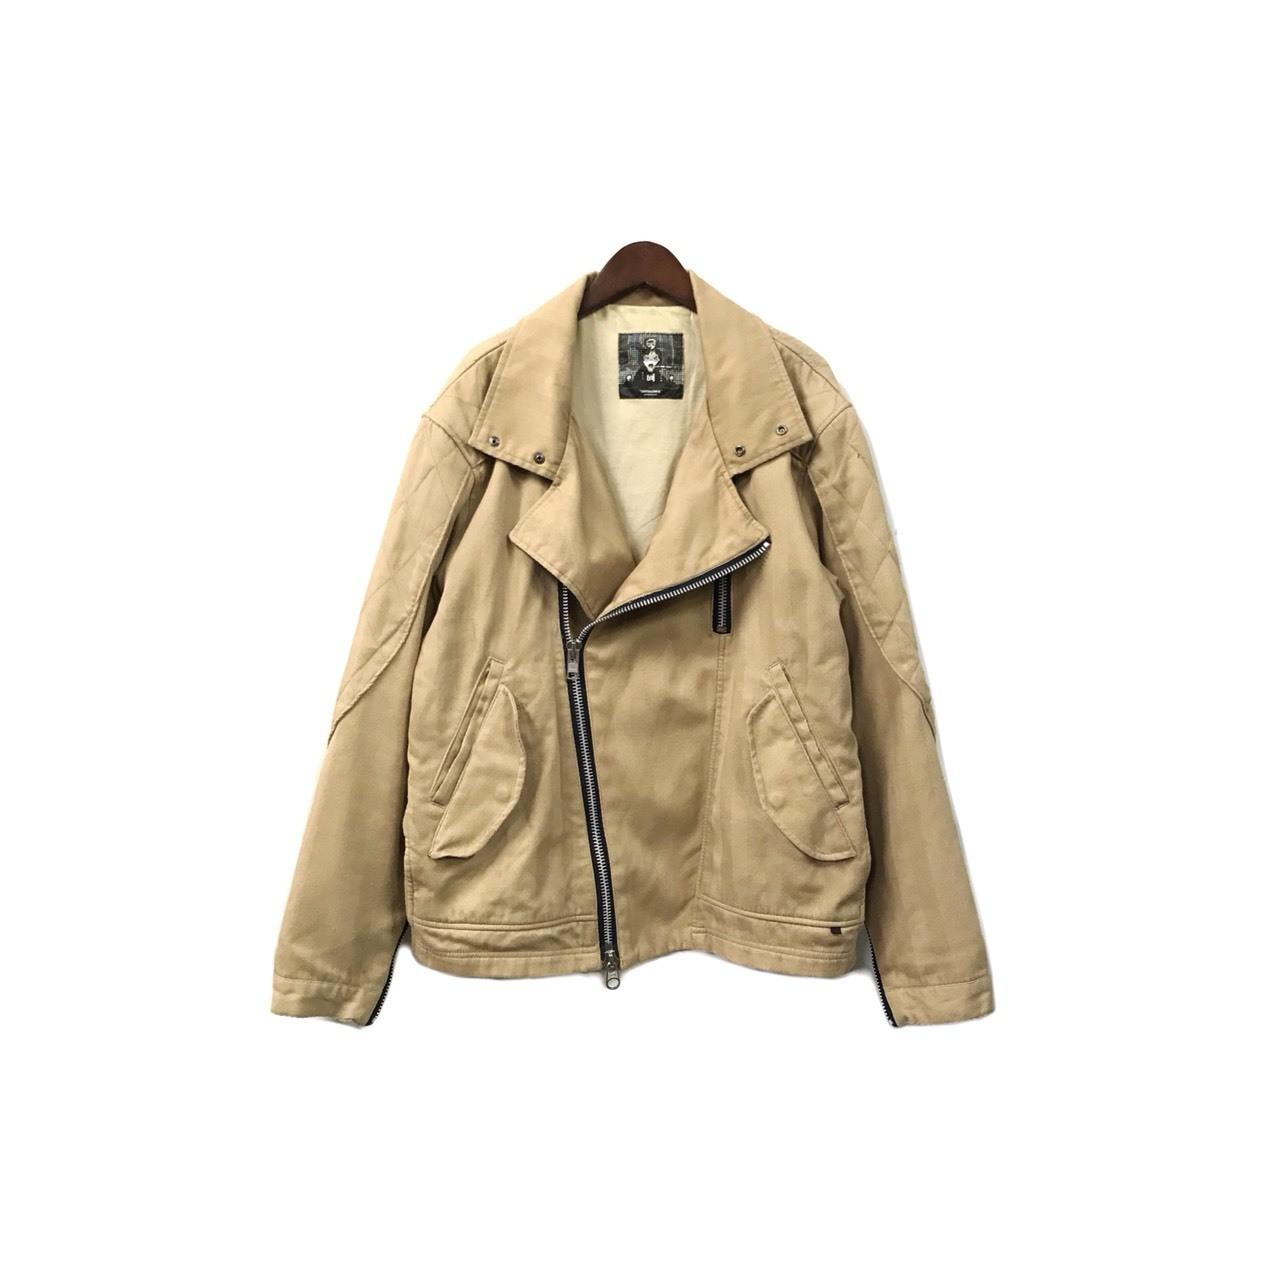 bal - Riders Jacket (size - L) ¥16500+tax → ¥13200+tax